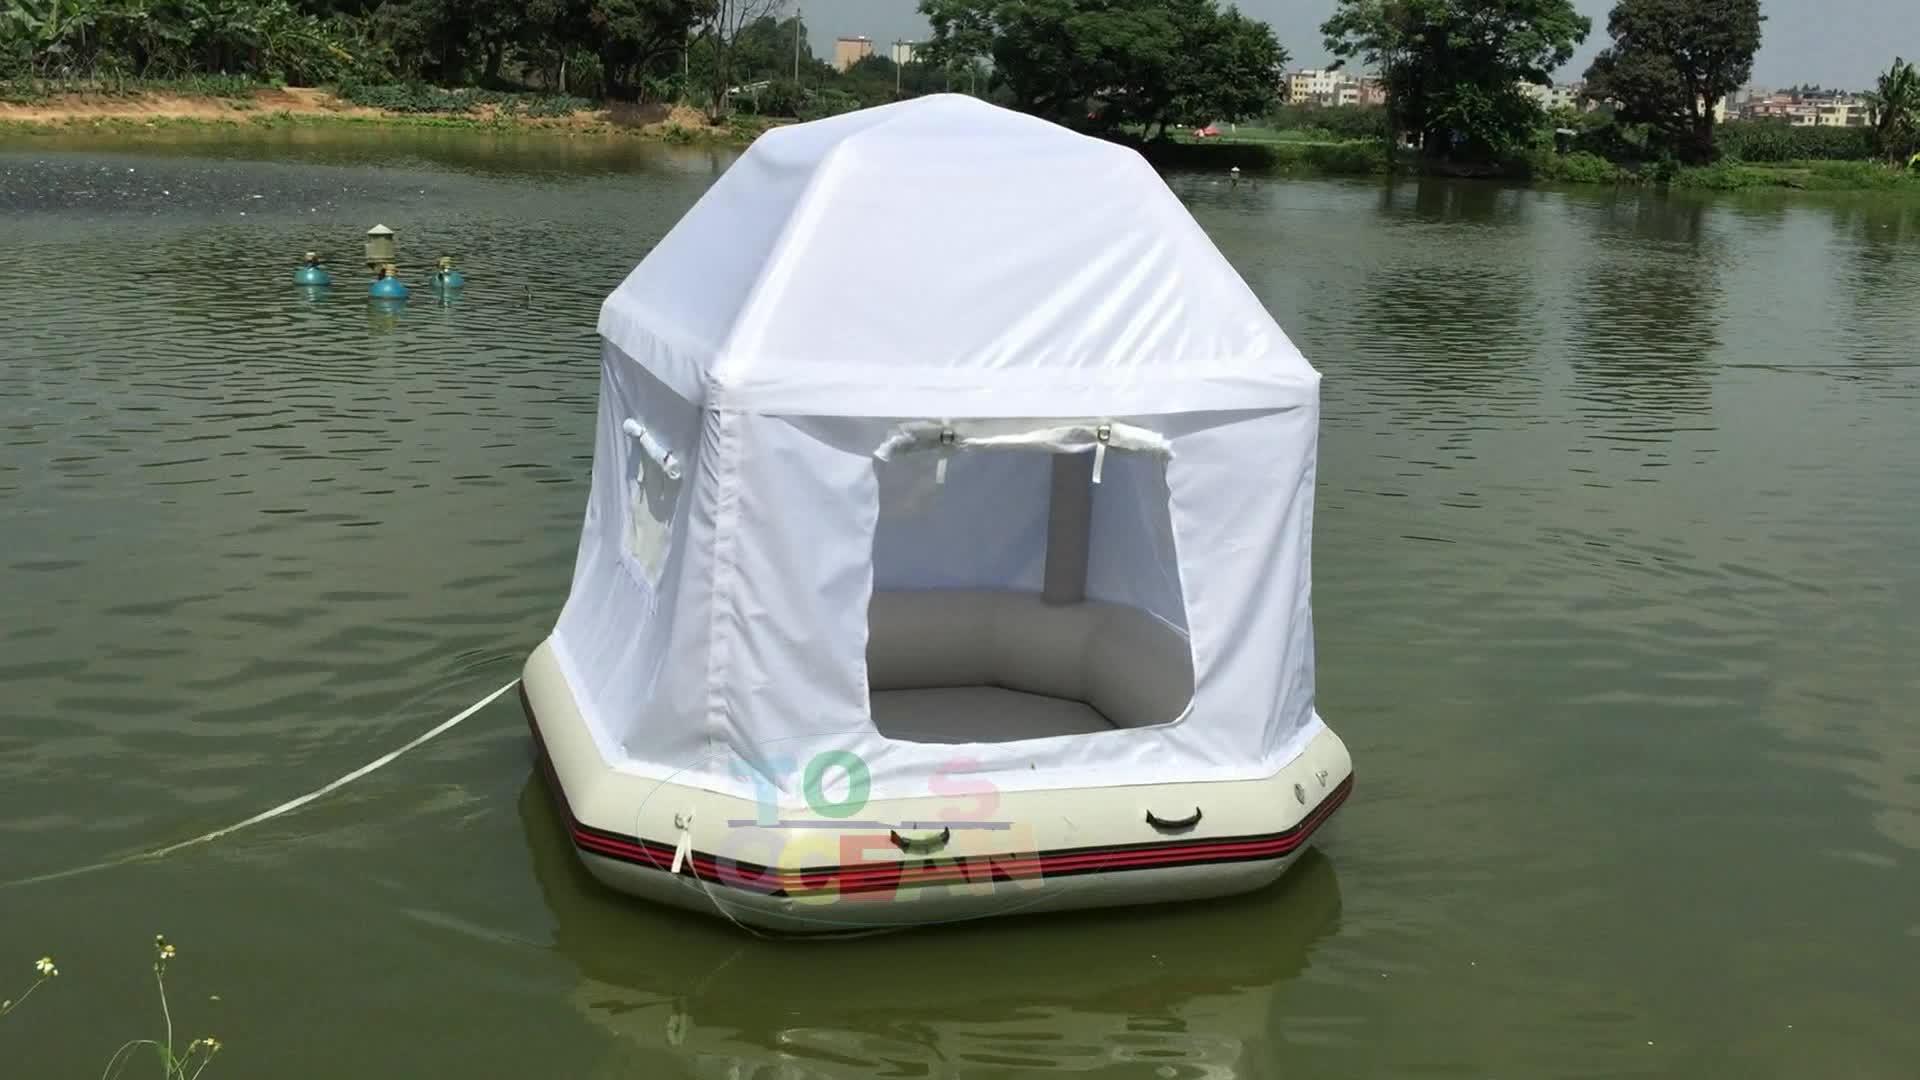 Drijvende Camping Opblaasbare Ondiepte Tent Te Koop